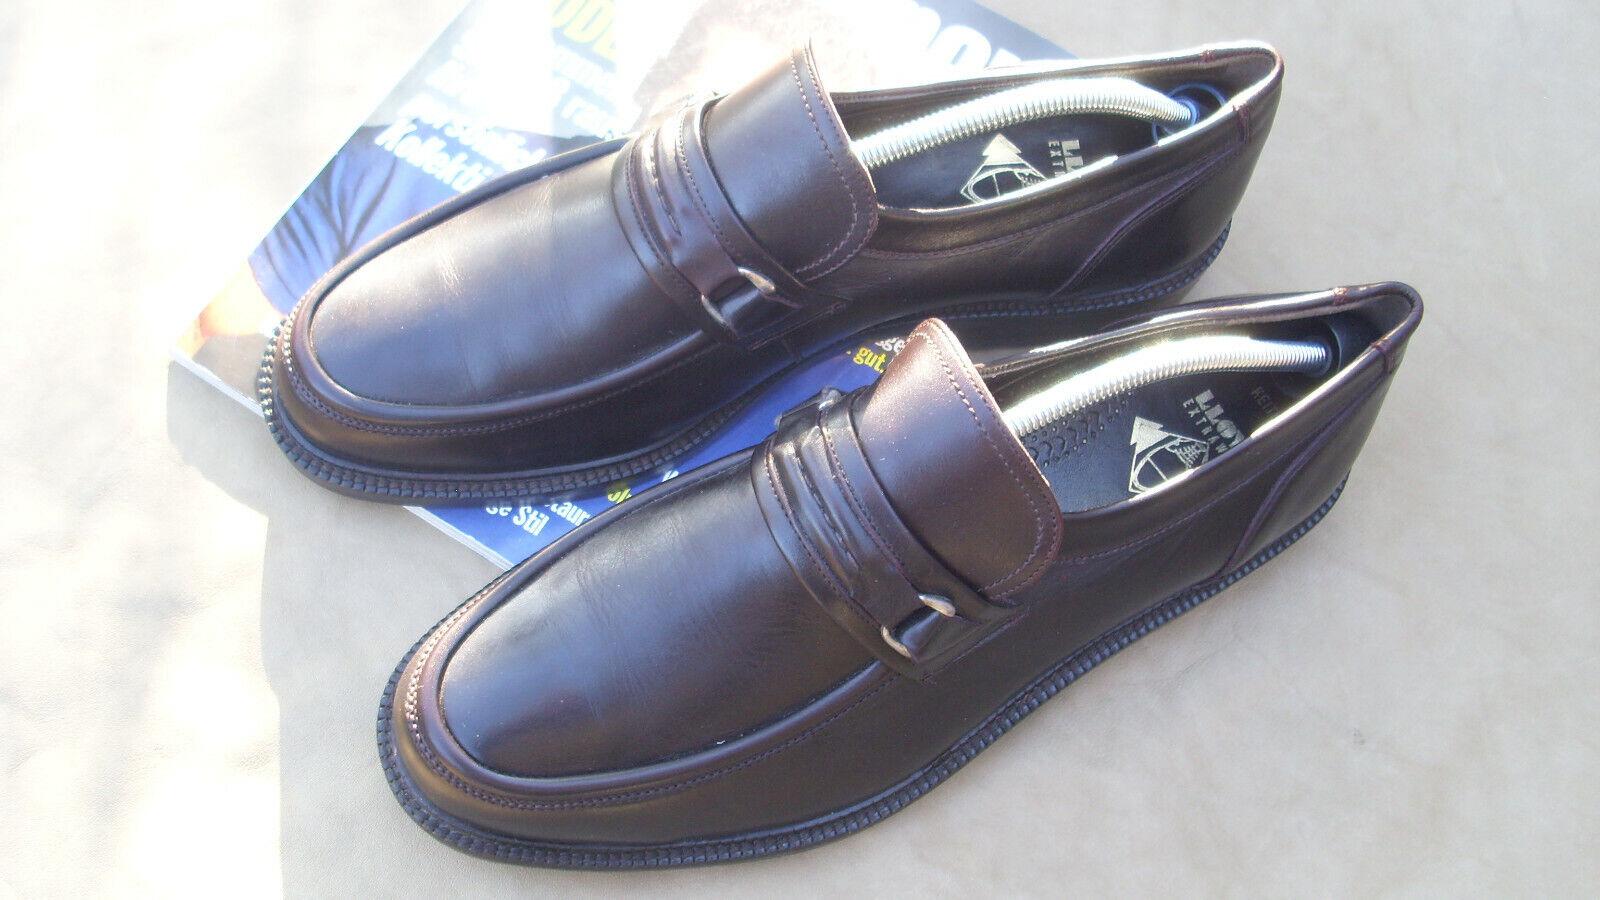 Lloyd Chaussures En Cuir Hommes taille 47 Slipper Marron Foncé Taille 12,5